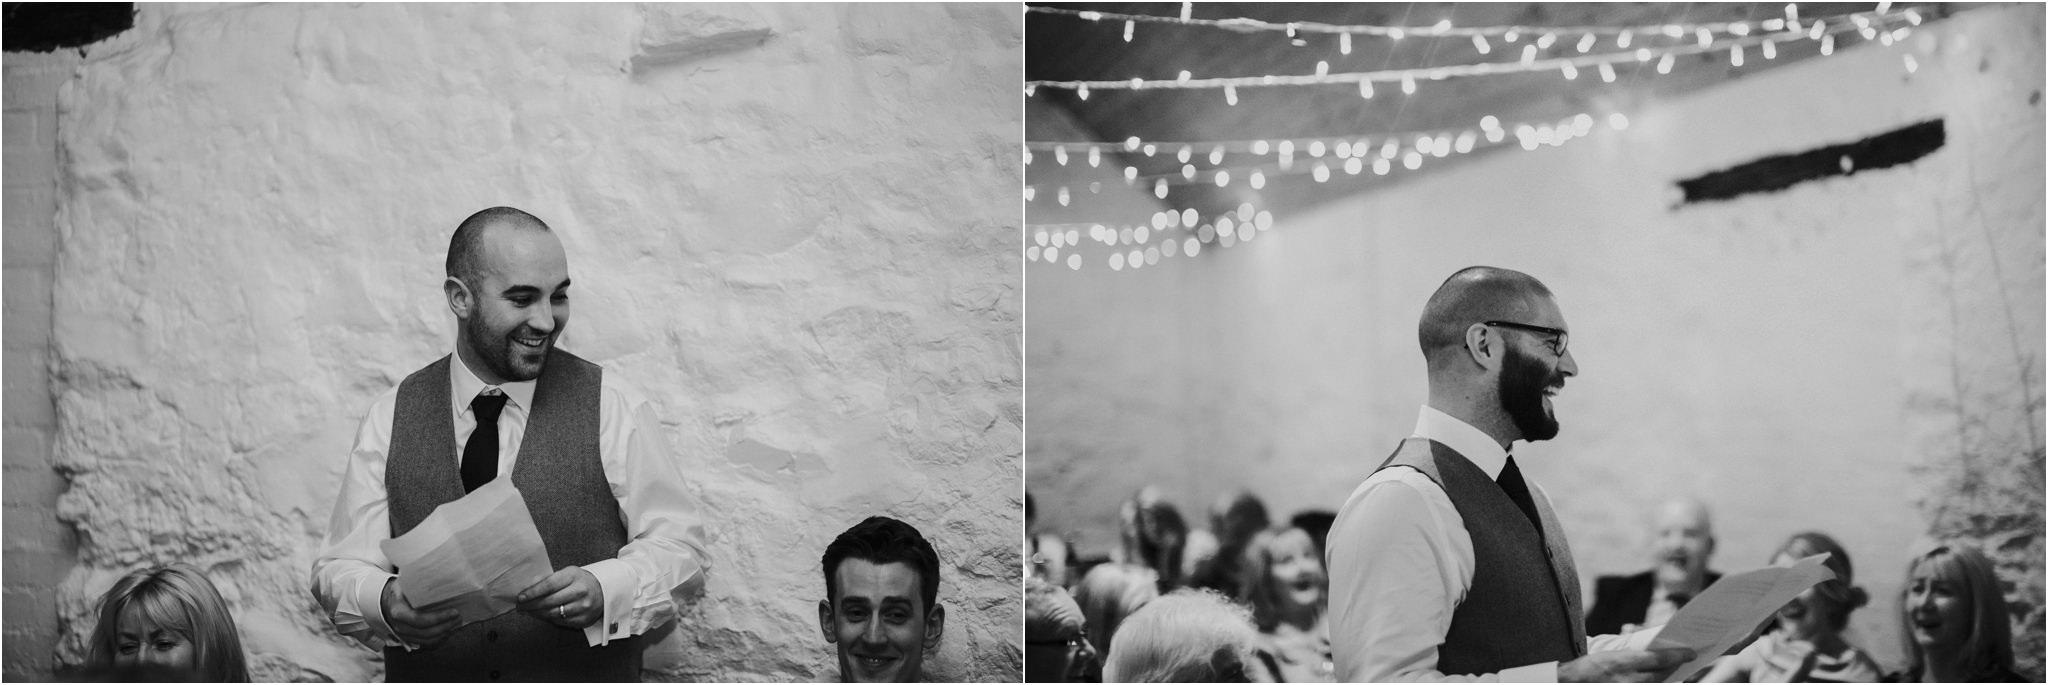 Photography 78 - Glasgow Wedding Photographer - Pete & Eilidh - Dalduff Farm_0095.jpg